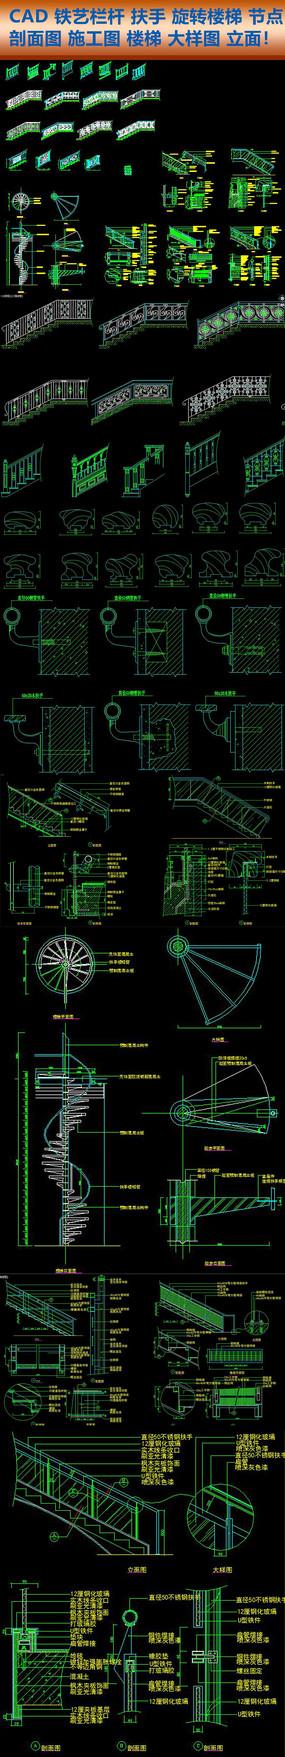 CAD栏杆扶手铁艺楼梯施工图